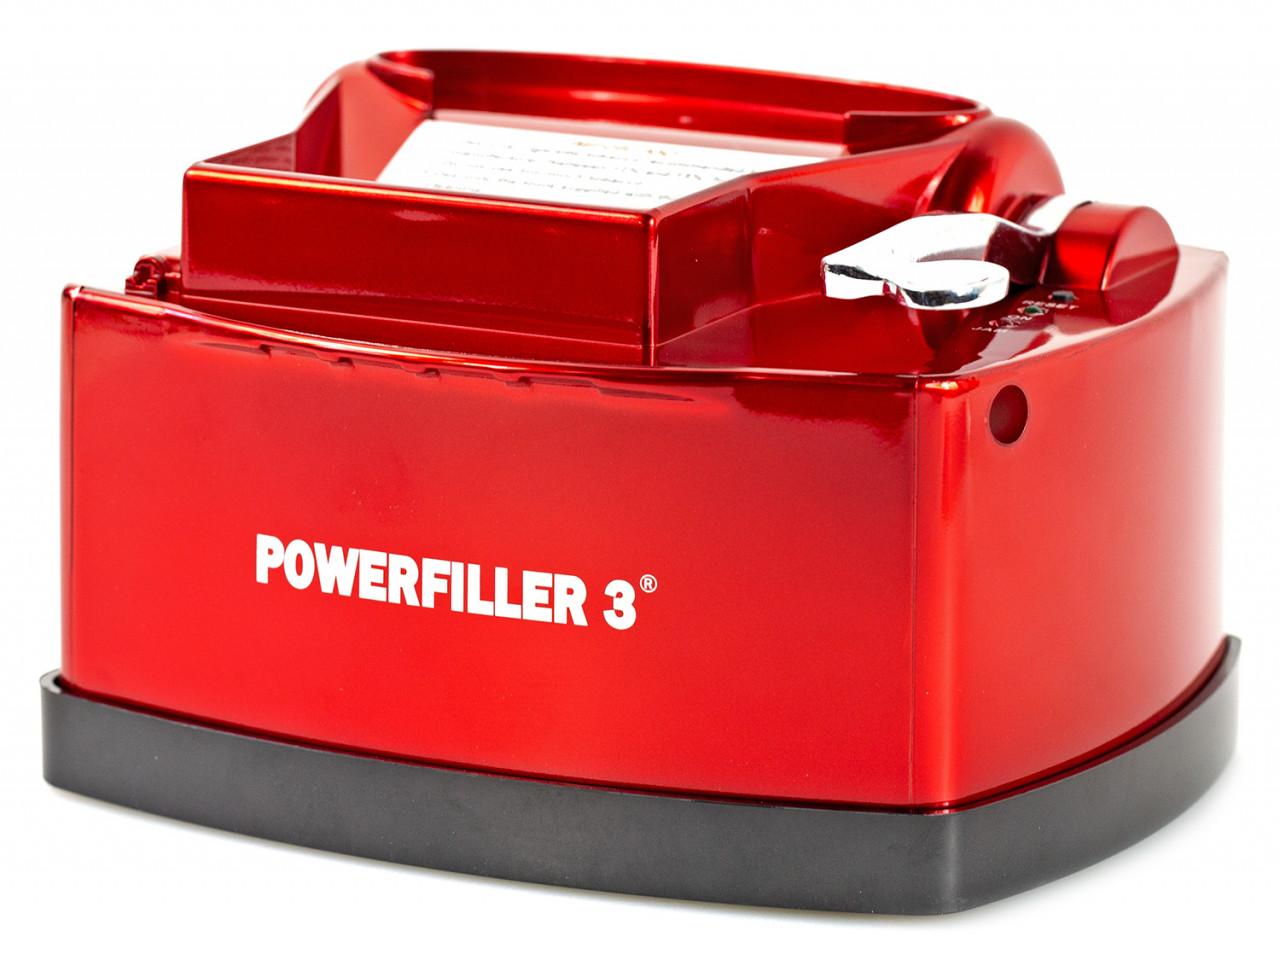 Powerfiller 3 - mit Trichter - elektrische Stopfmaschine - Farbe: rot